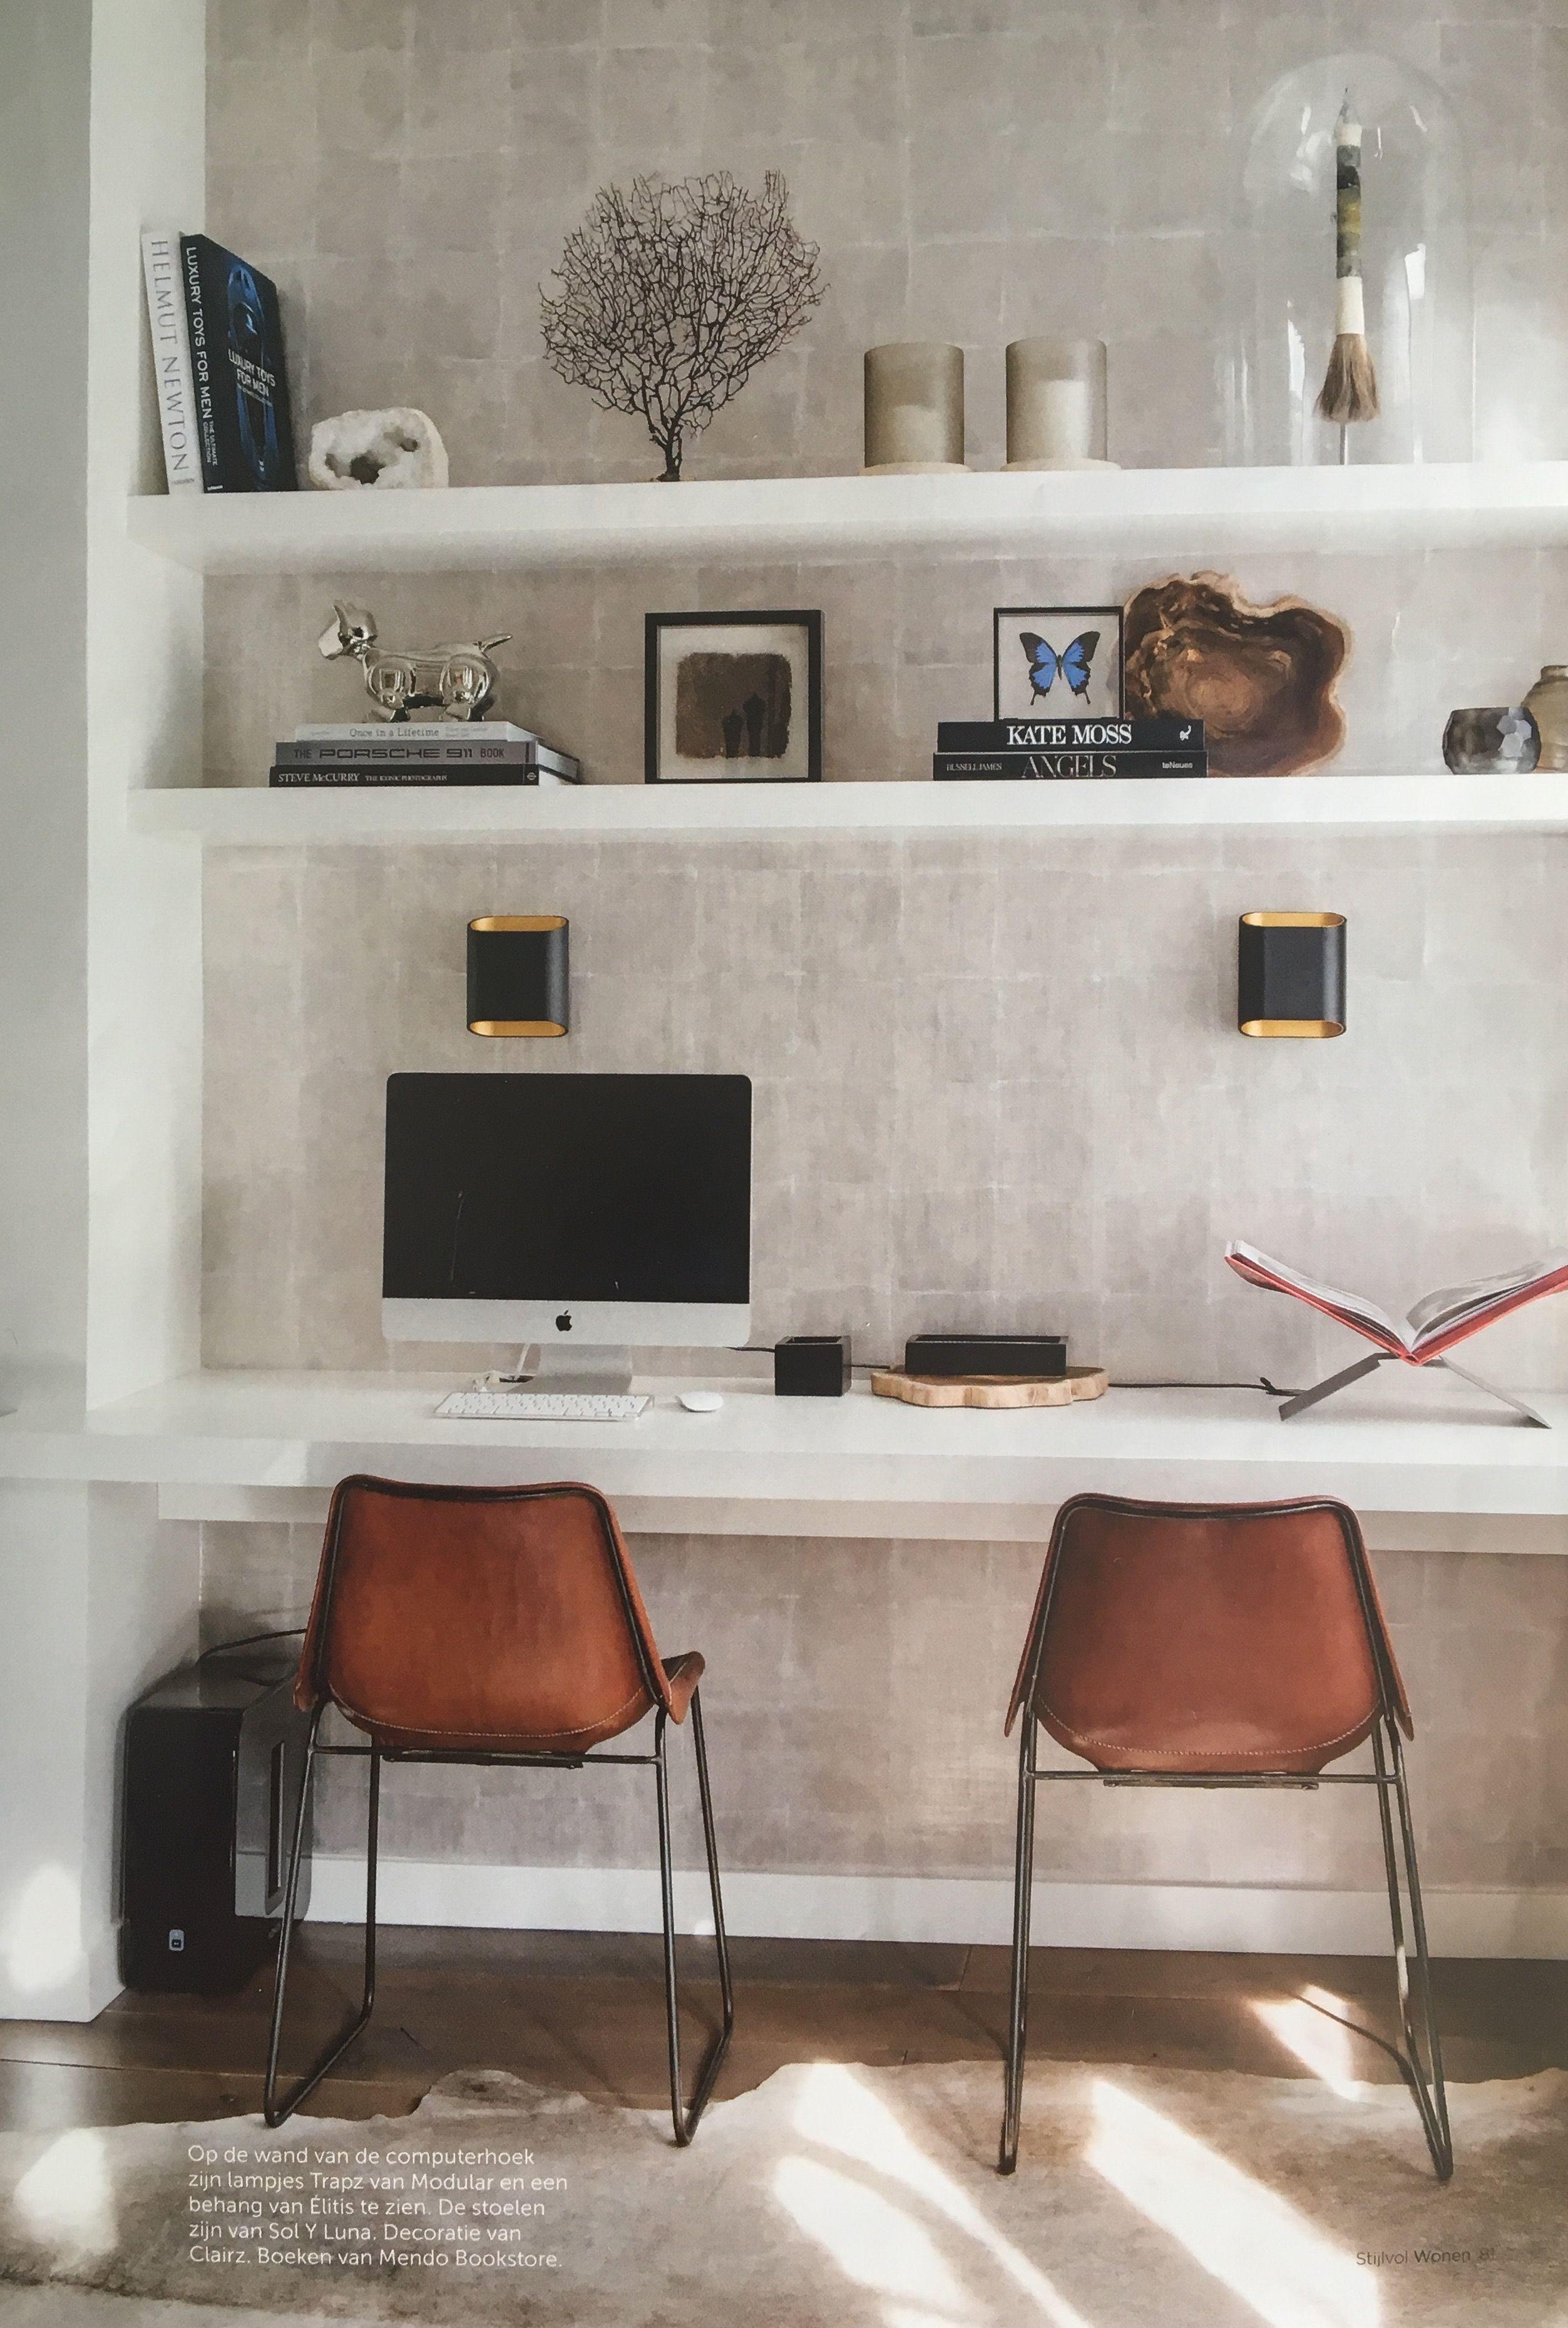 Slaapkamer bureau - Wonen | Pinterest - Slaapkamer bureau, Bureaus ...